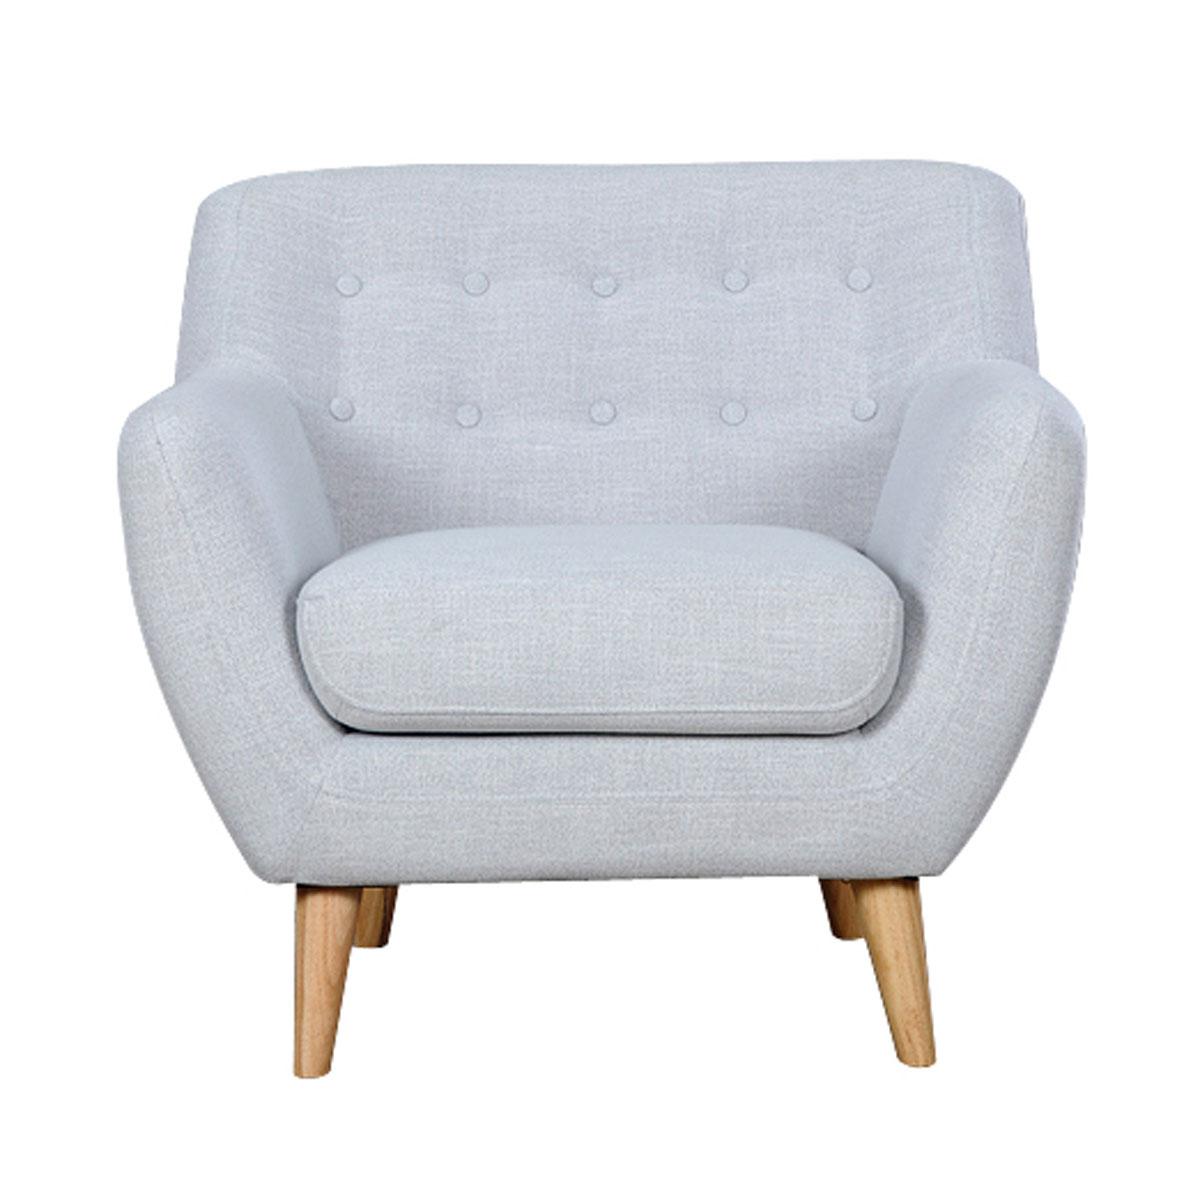 כורסא מרופדת בעיצוב מודרני דגם PICASSO במגוון צבעים BRADEX - תמונה 3